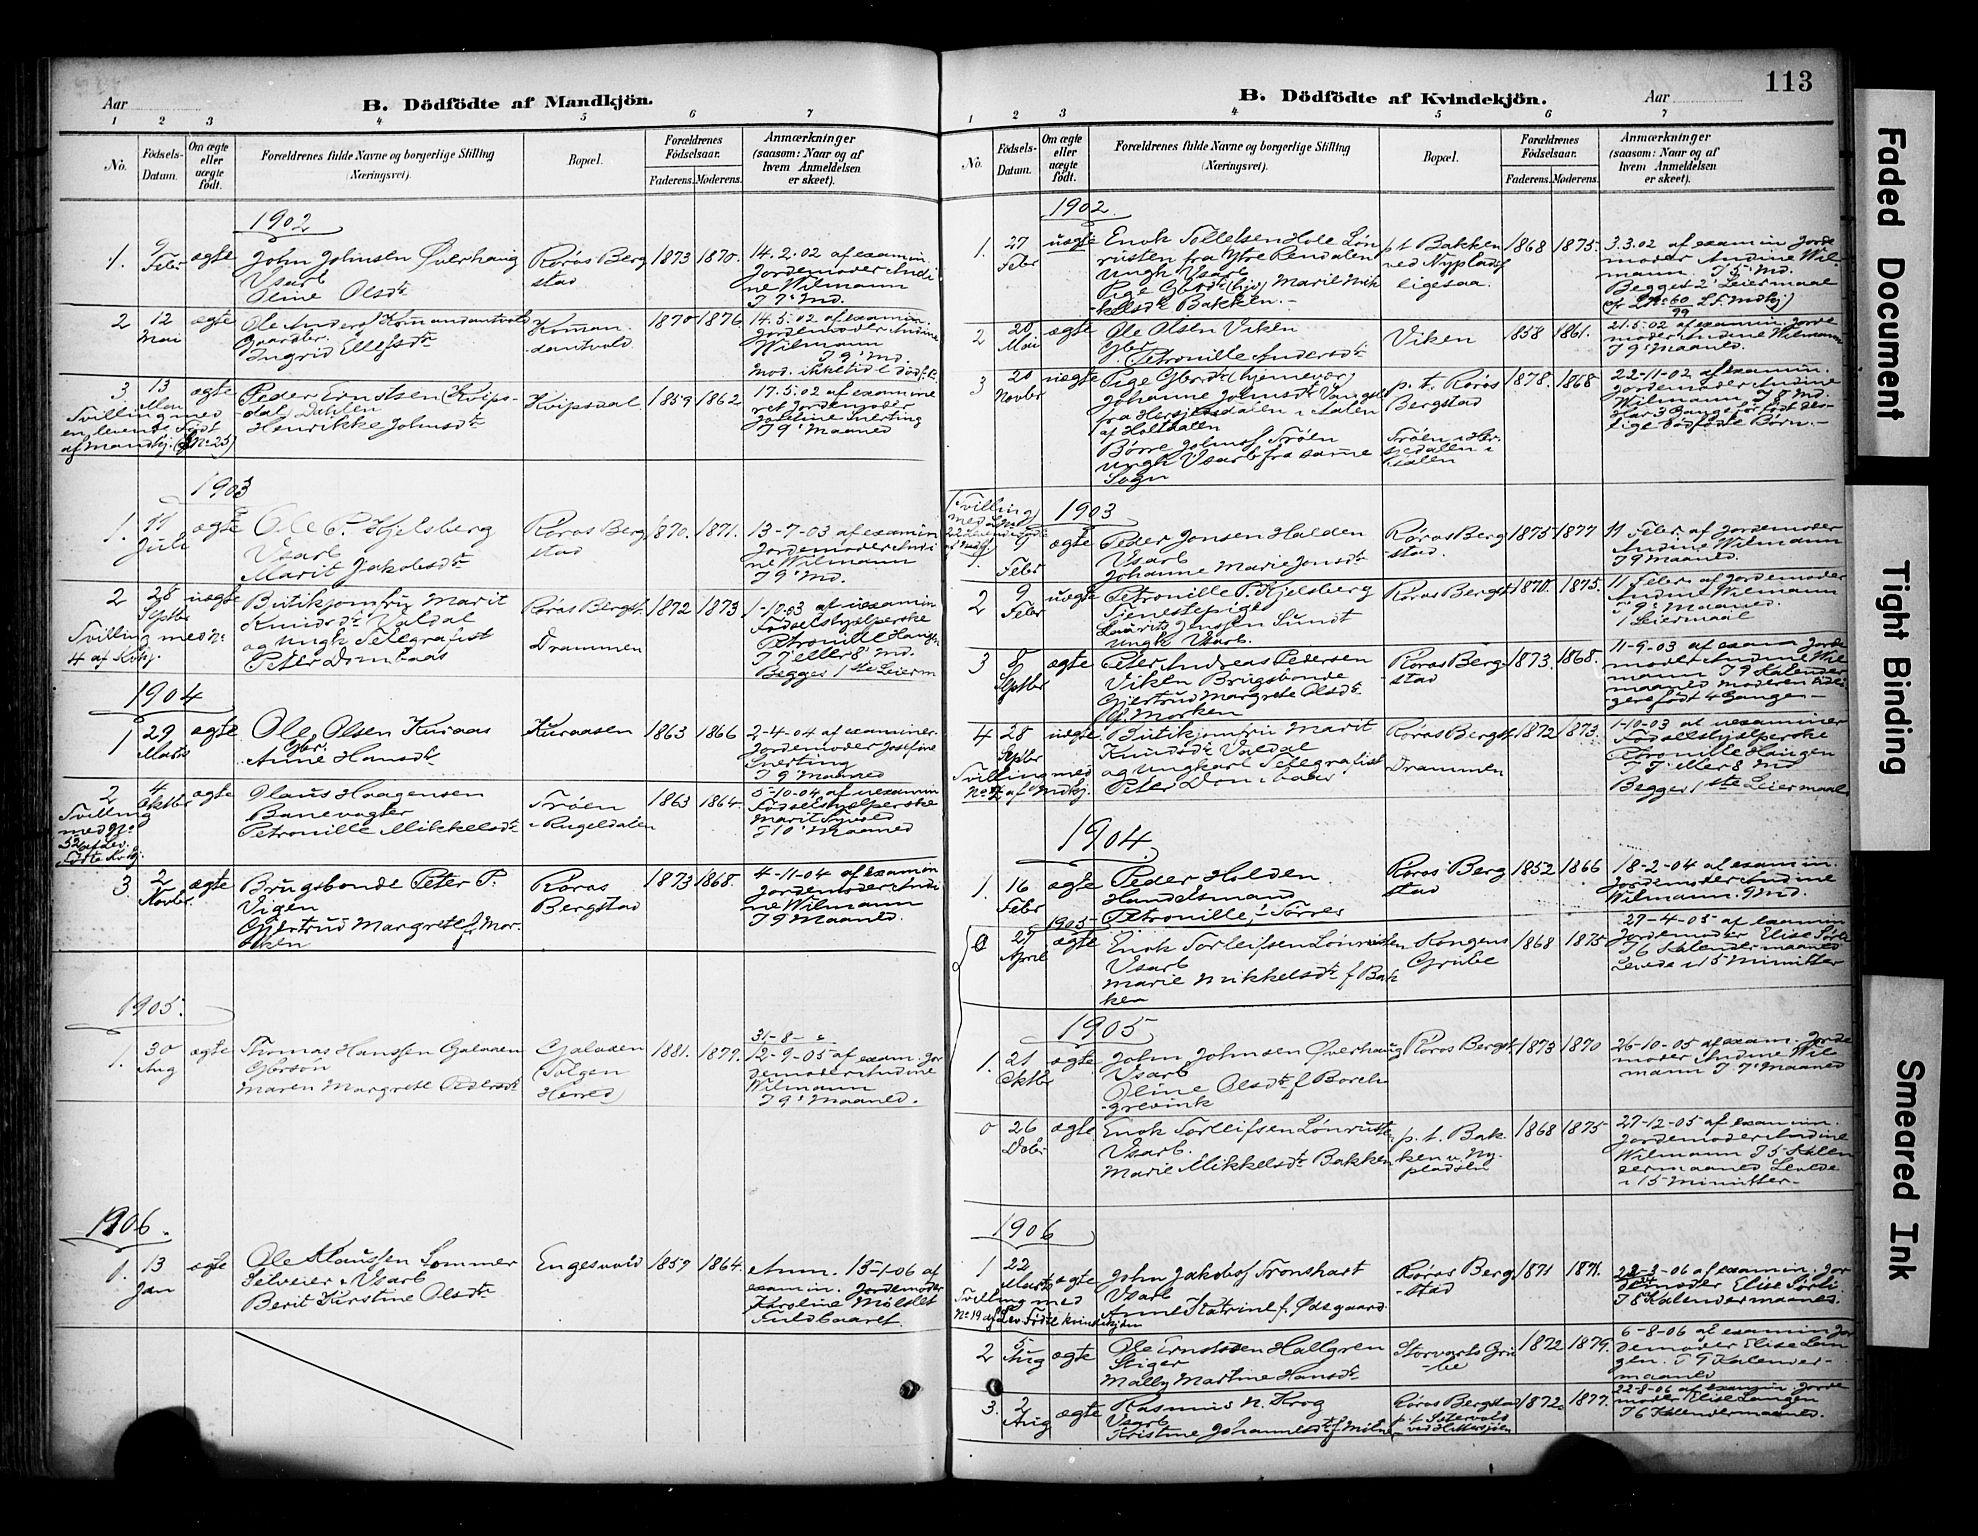 SAT, Ministerialprotokoller, klokkerbøker og fødselsregistre - Sør-Trøndelag, 681/L0936: Ministerialbok nr. 681A14, 1899-1908, s. 113